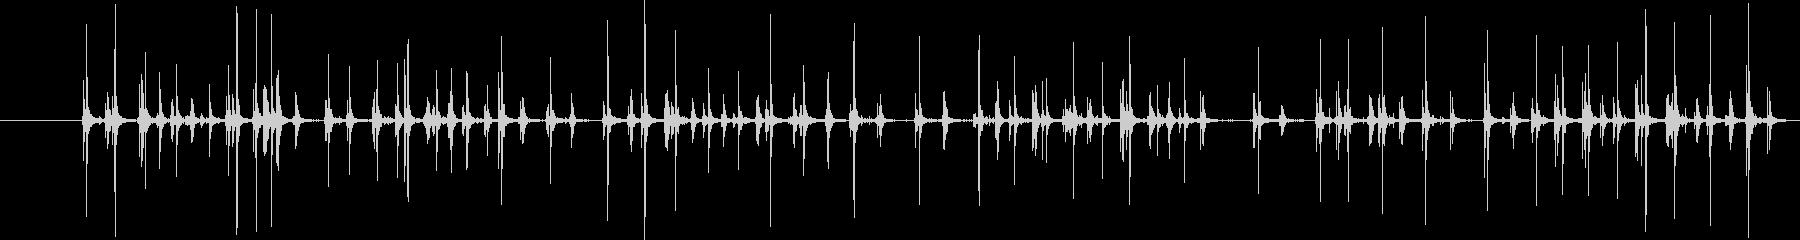 コンピューターのキーボード:長い入...の未再生の波形